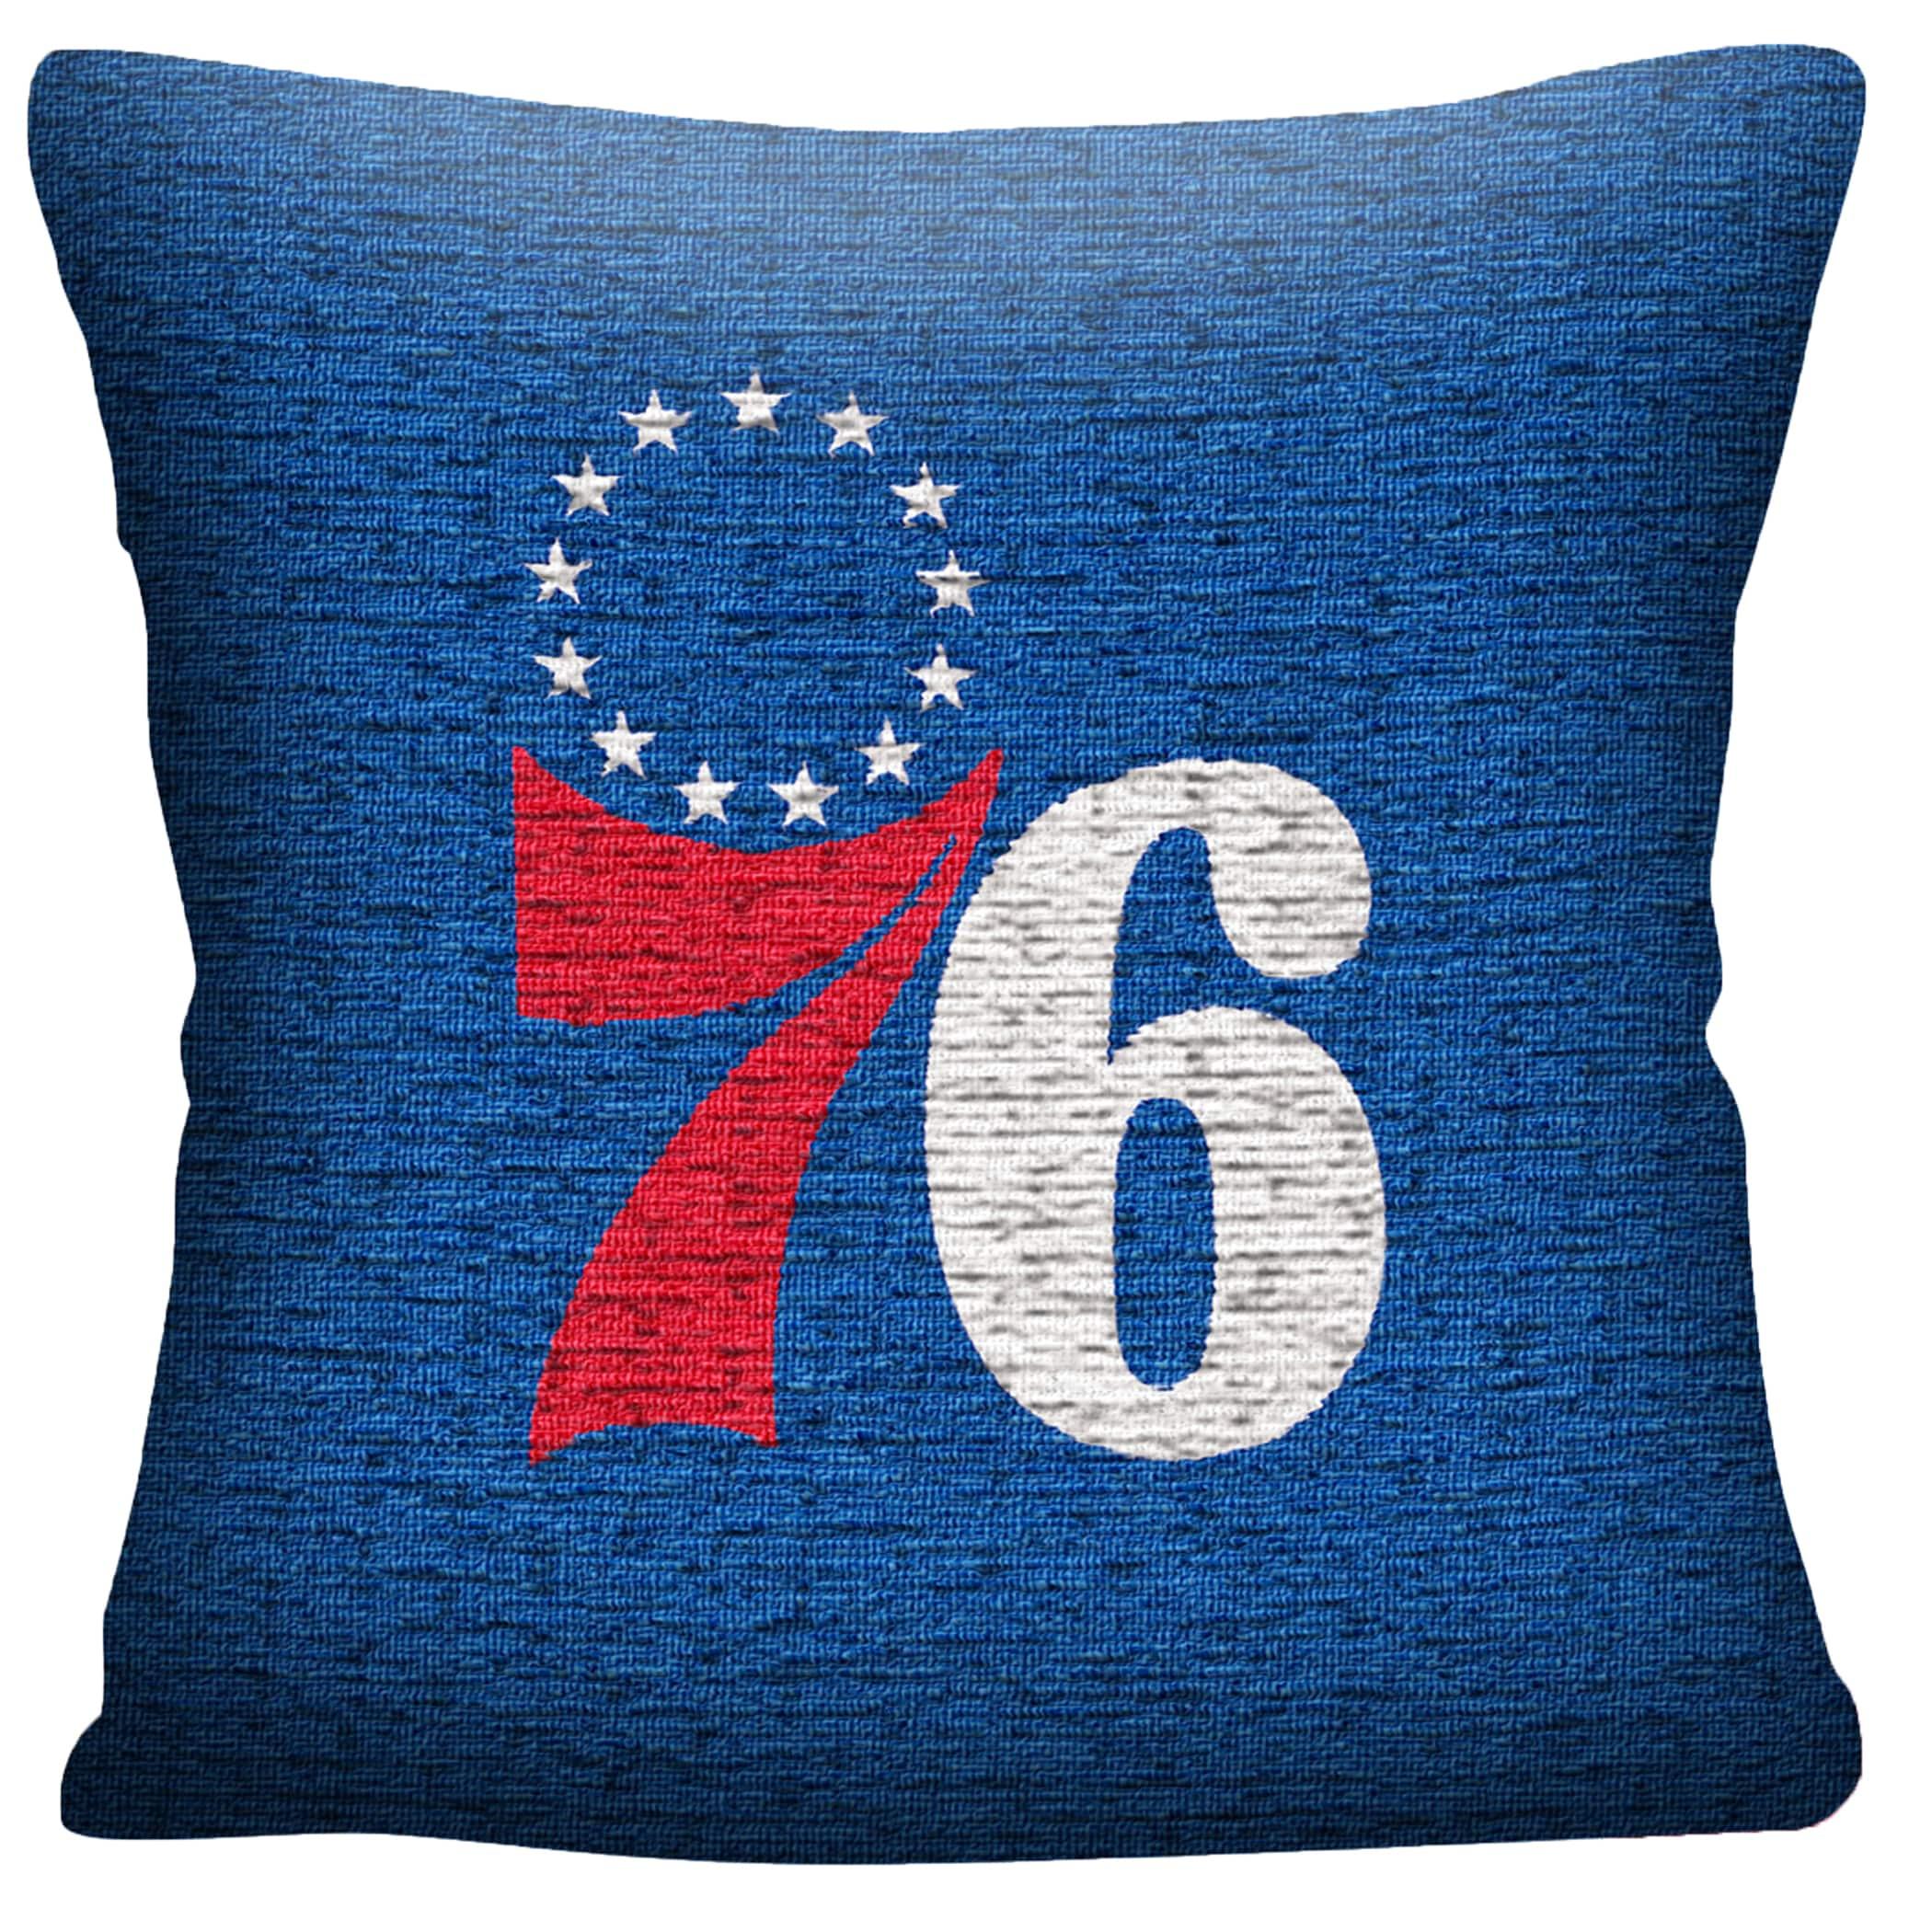 Philadelphia 76ers The Northwest Company 20'' Invert Pillow